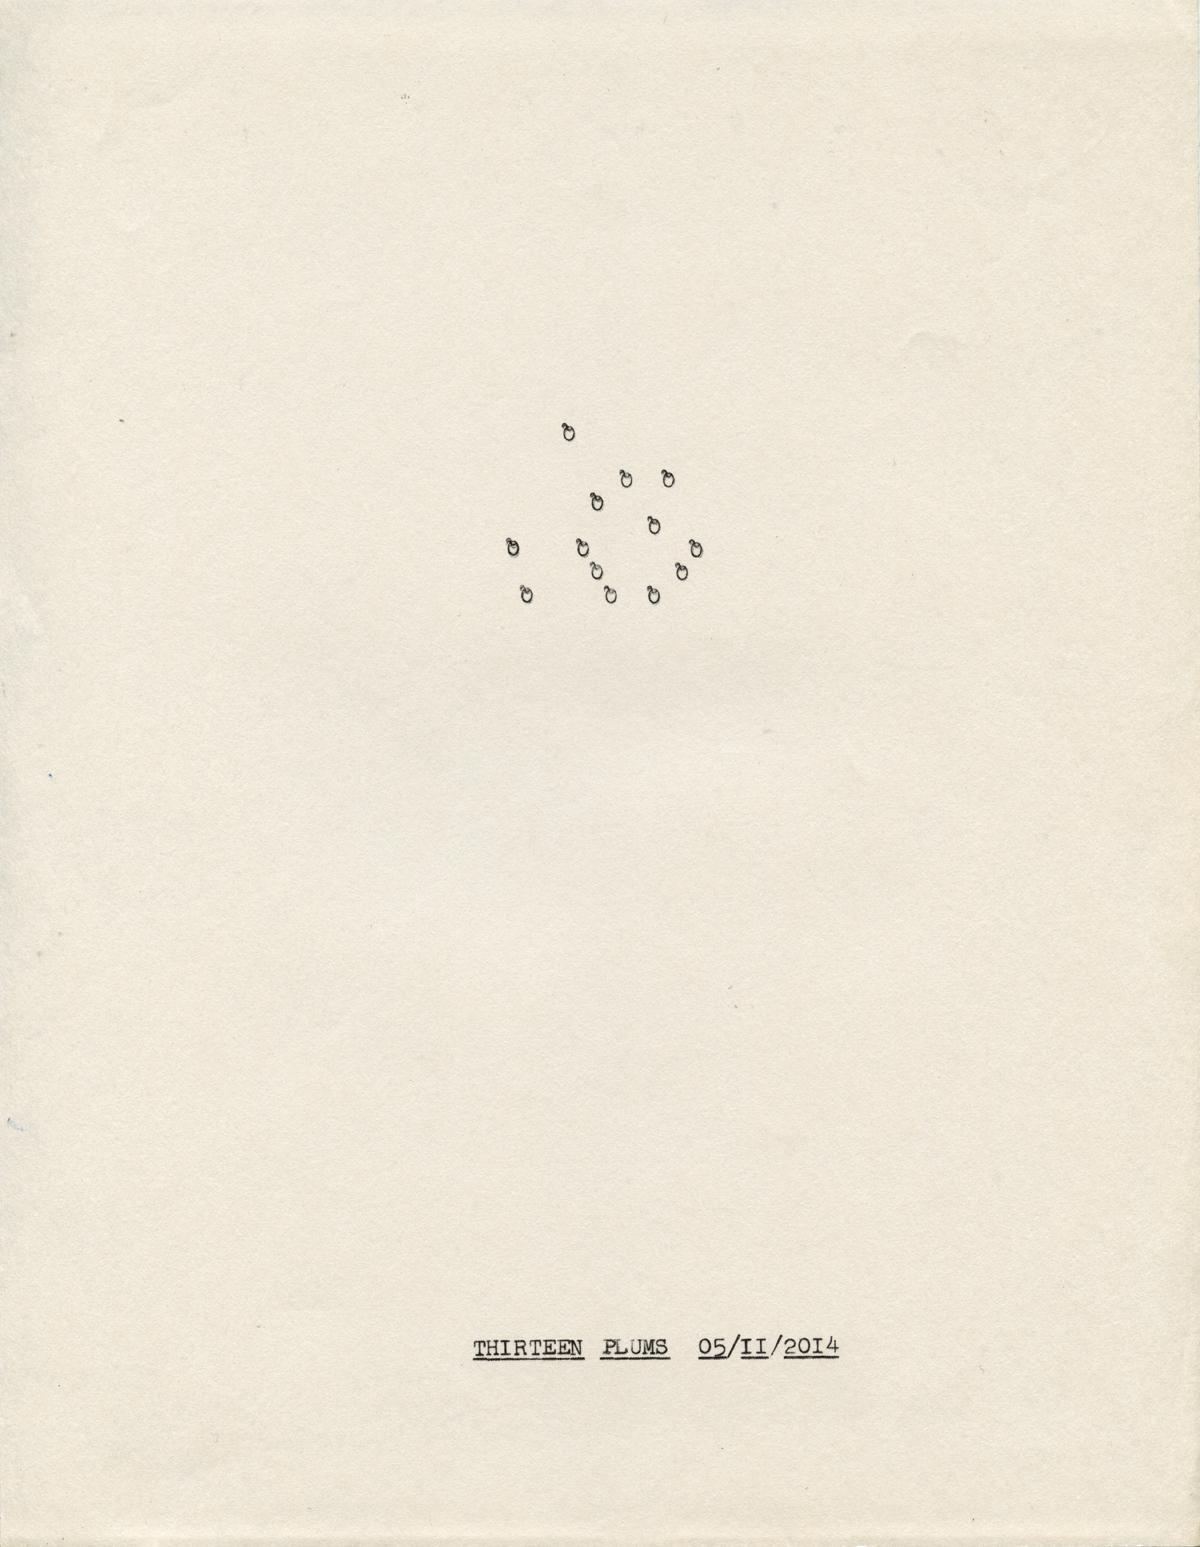 2014_05_typewriter_drawing.jpg